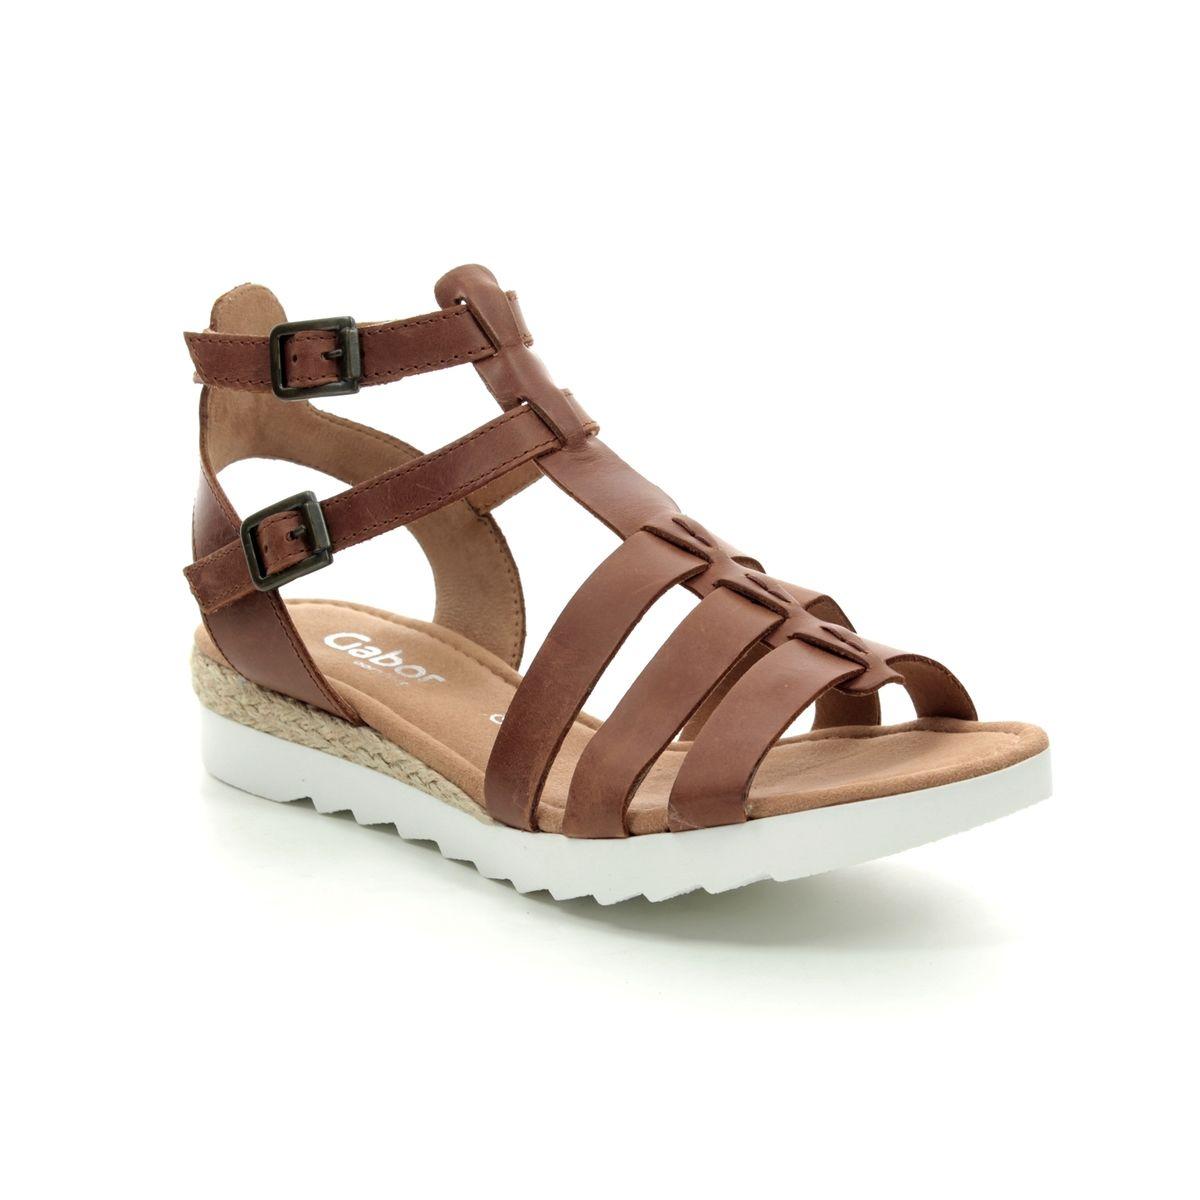 93b6652f8ff2 Gabor Gladiator Sandals - Tan - 22.744.54 FELICITY